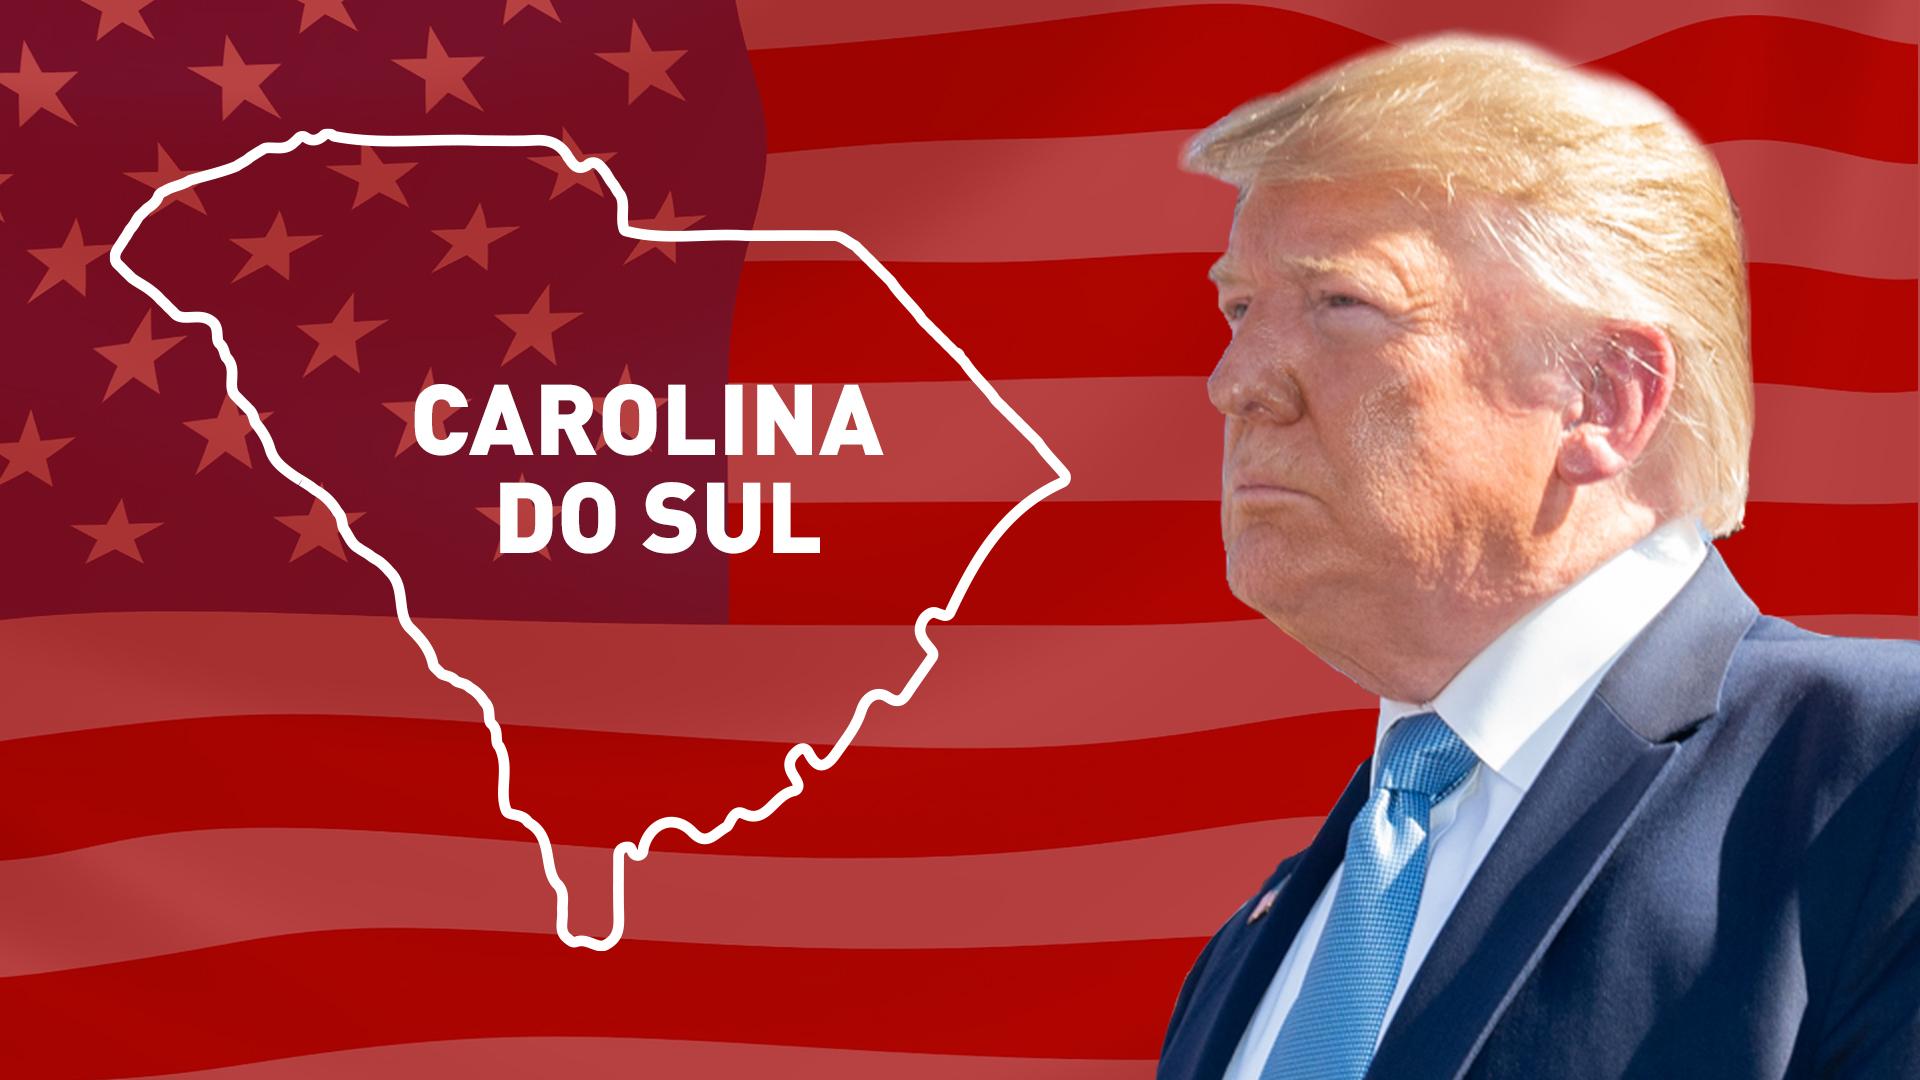 IMAGEM: Trump vence na Carolina do Sul